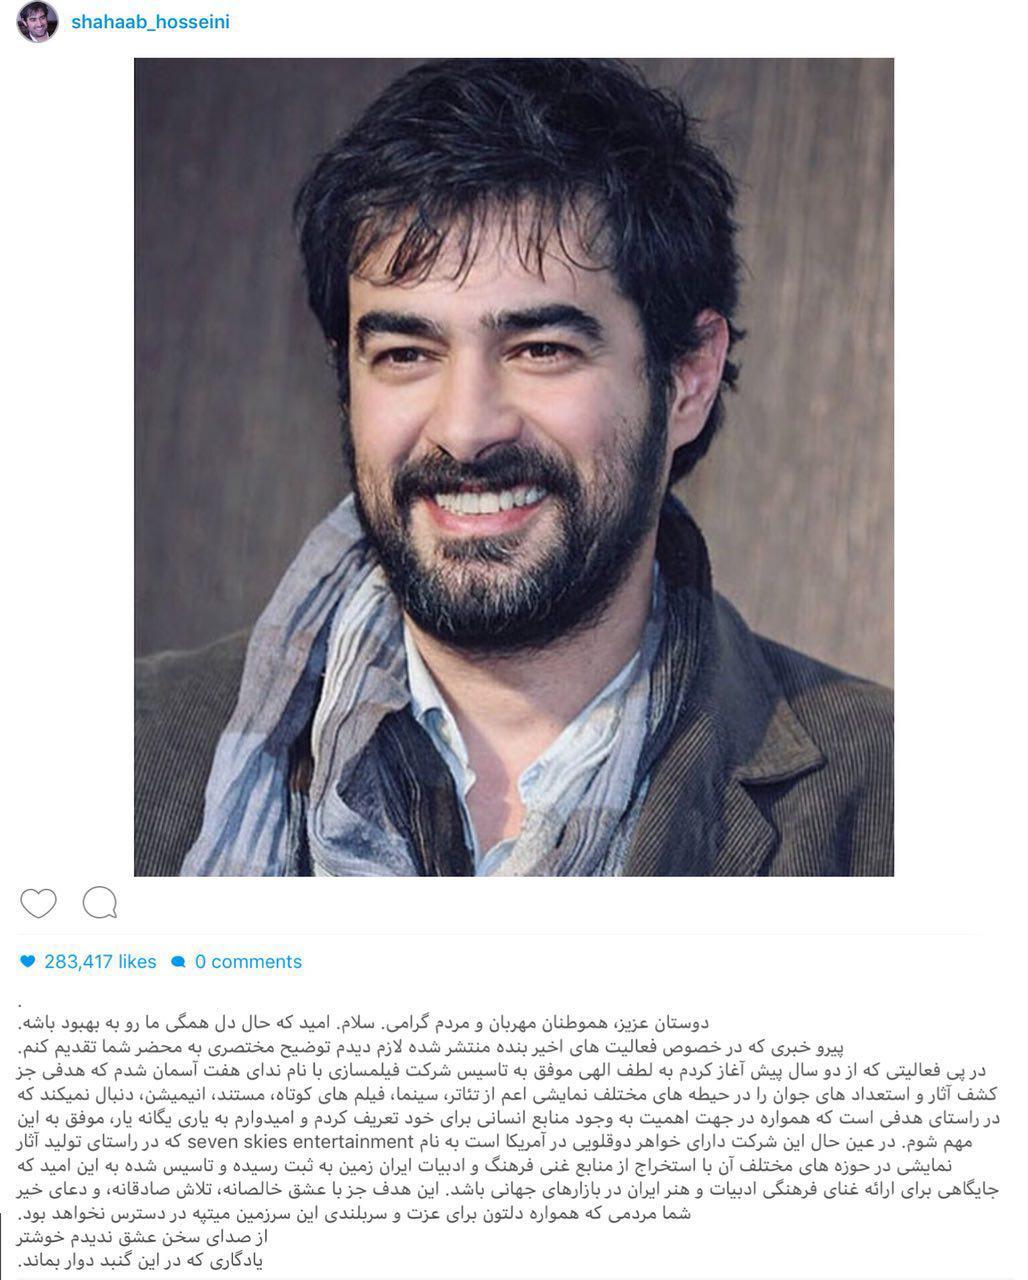 توضیحات شهاب حسینی درباره تاسیس کمپانی فیلمسازی در آمریکا